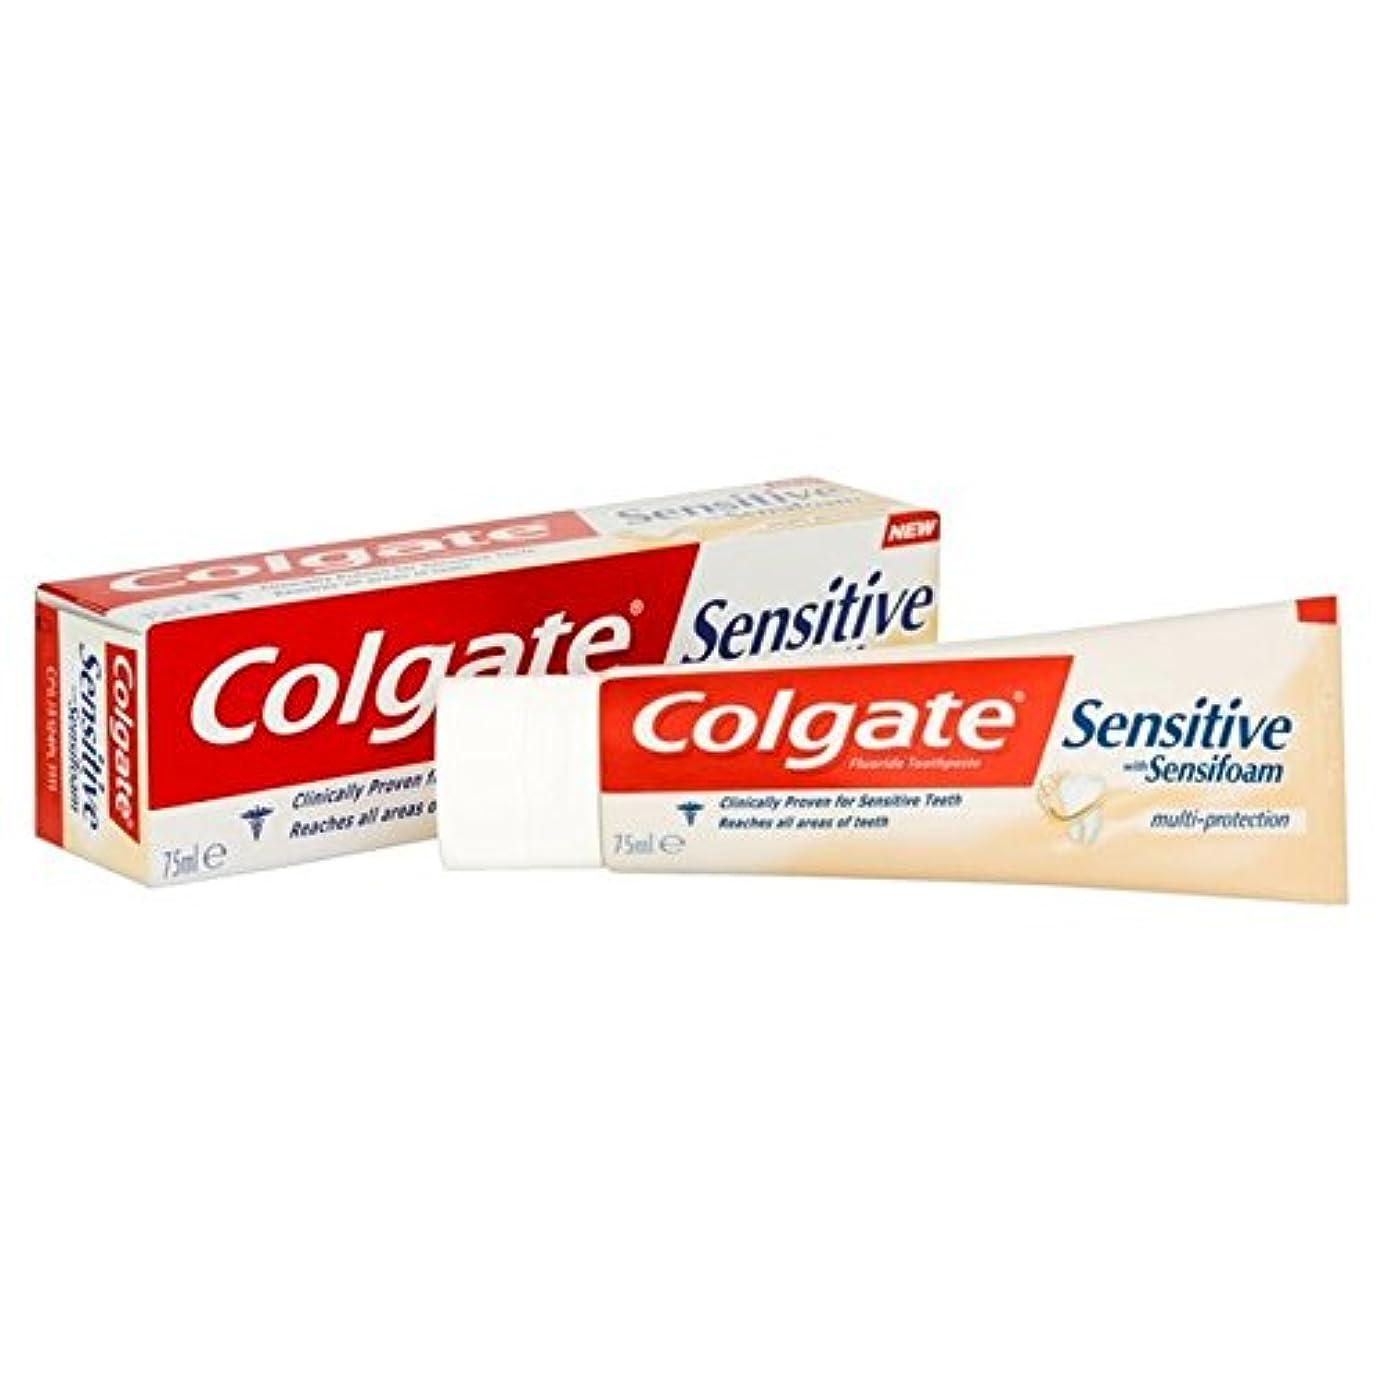 貧困バッテリー分析的コルゲート敏感な泡は、マルチ歯磨き粉75ミリリットルを保護します x4 - Colgate Sensitive Foam Multi Protect Toothpaste 75ml (Pack of 4) [並行輸入品]